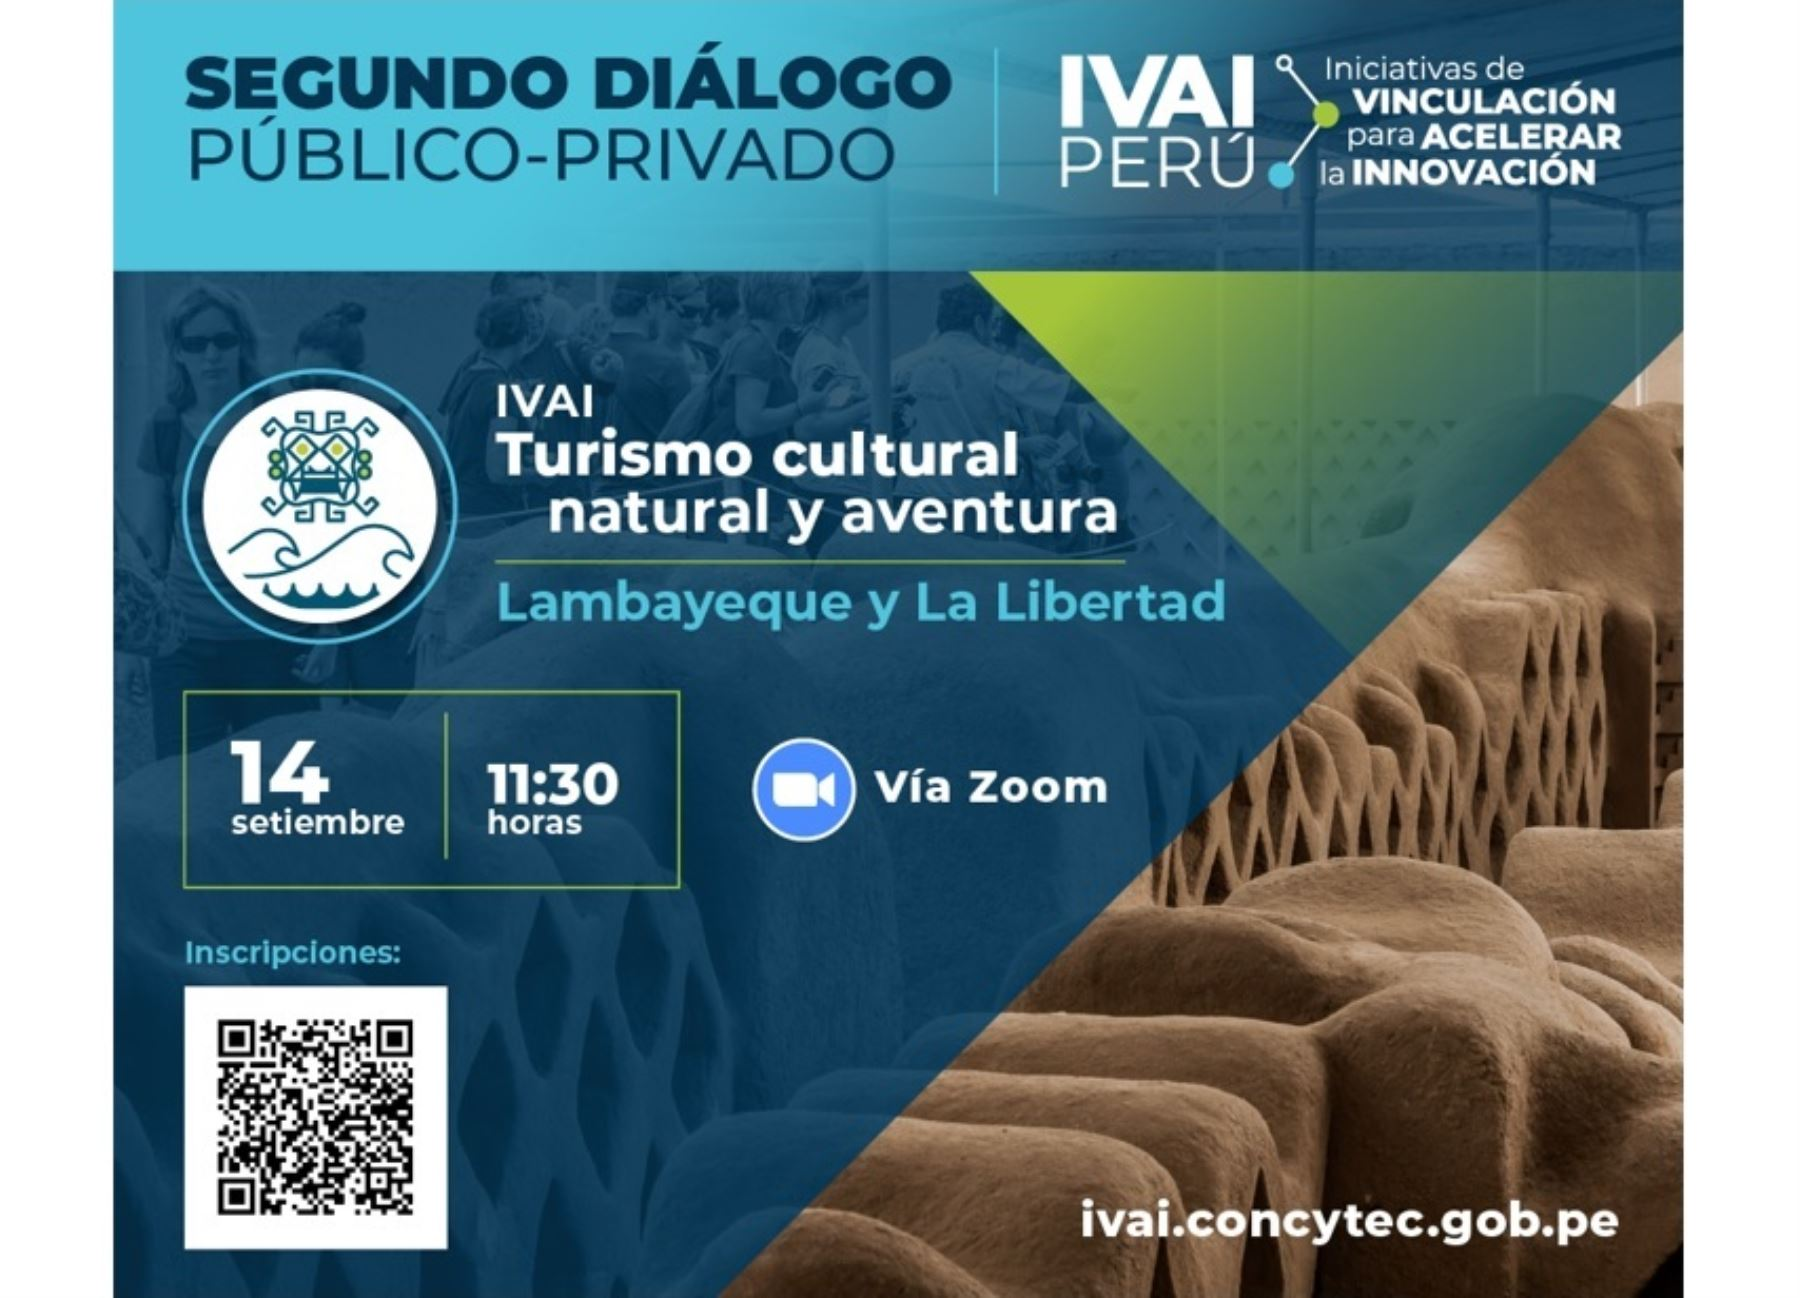 Lambayeque y La Libertad son las primeras regiones en iniciar diálogos por la innovación, anunció el Concytec.